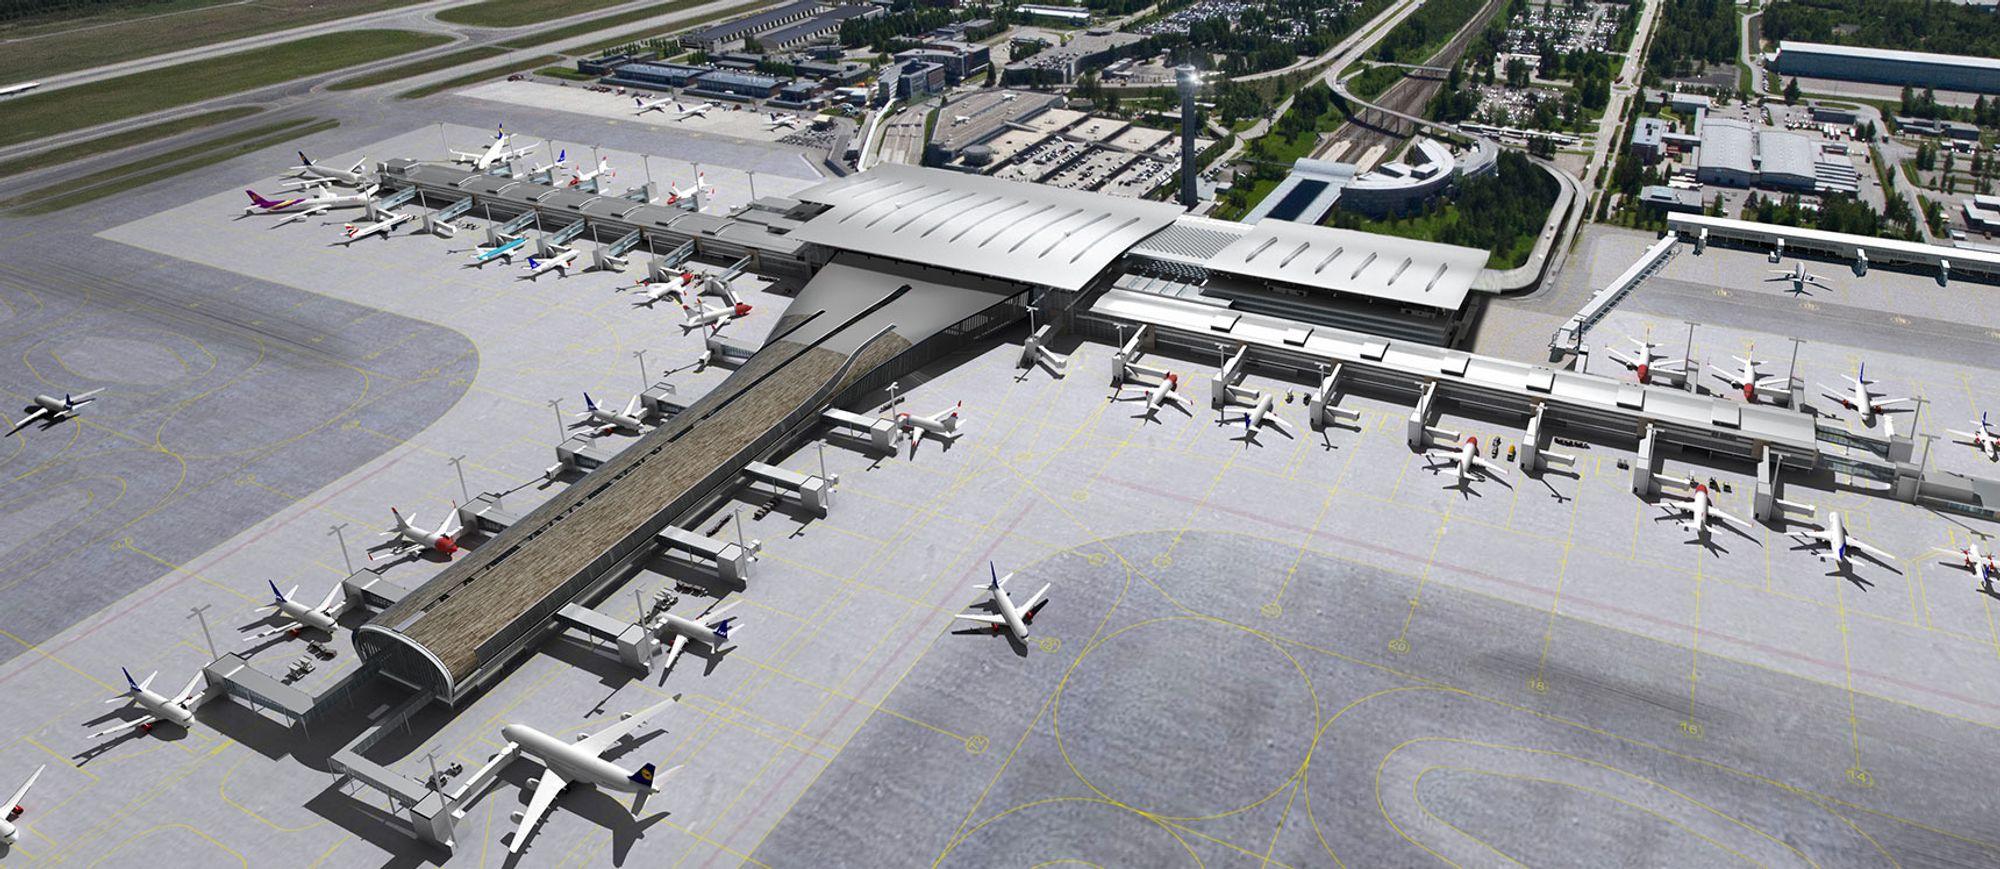 Oslo Lufthavn, T2